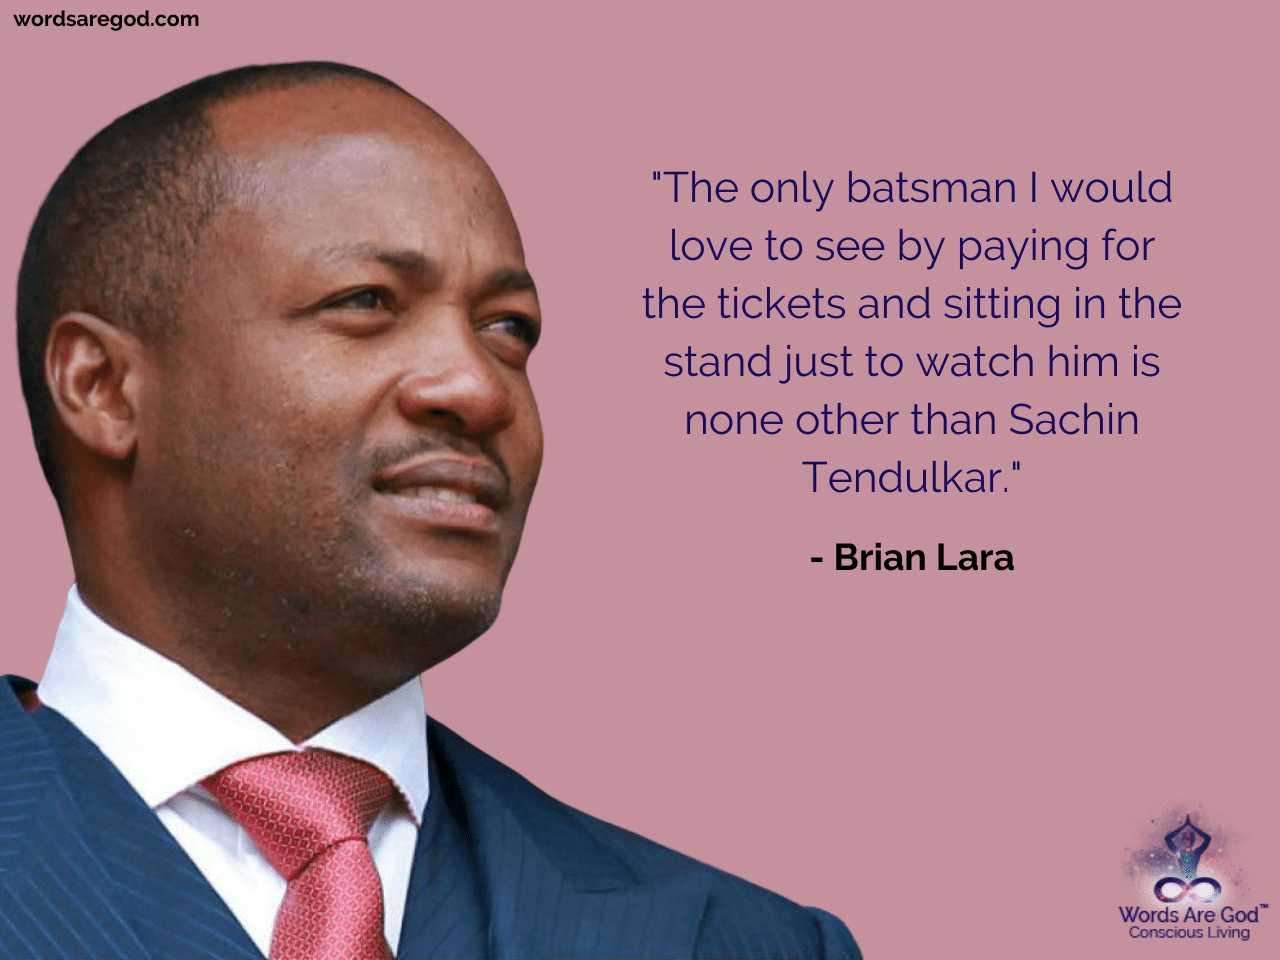 Brian Lara Life Quote